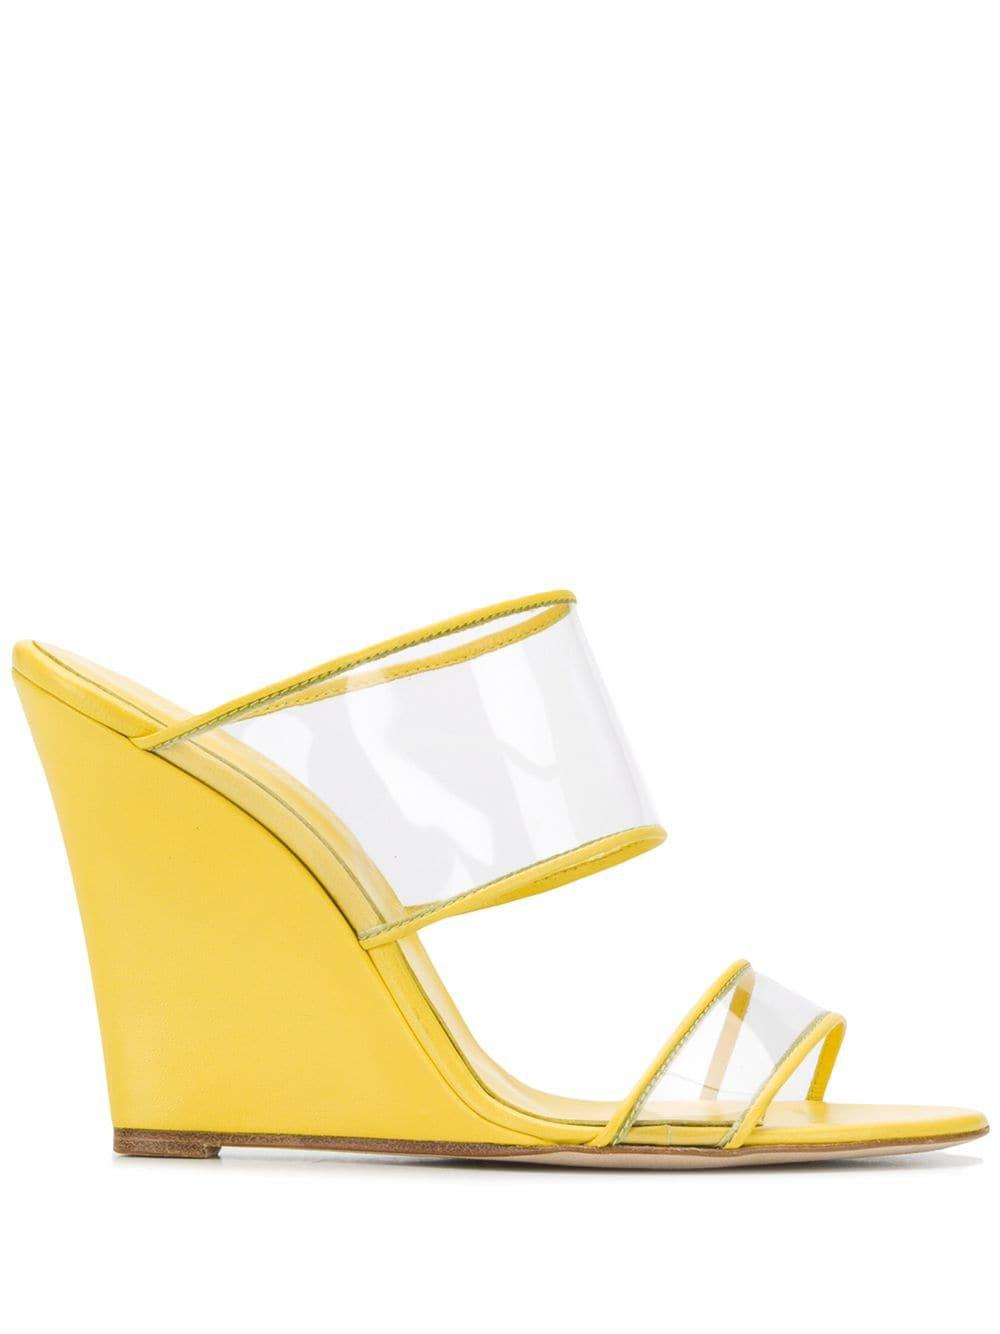 Paris Texas Wedge Sandals - Farfetch